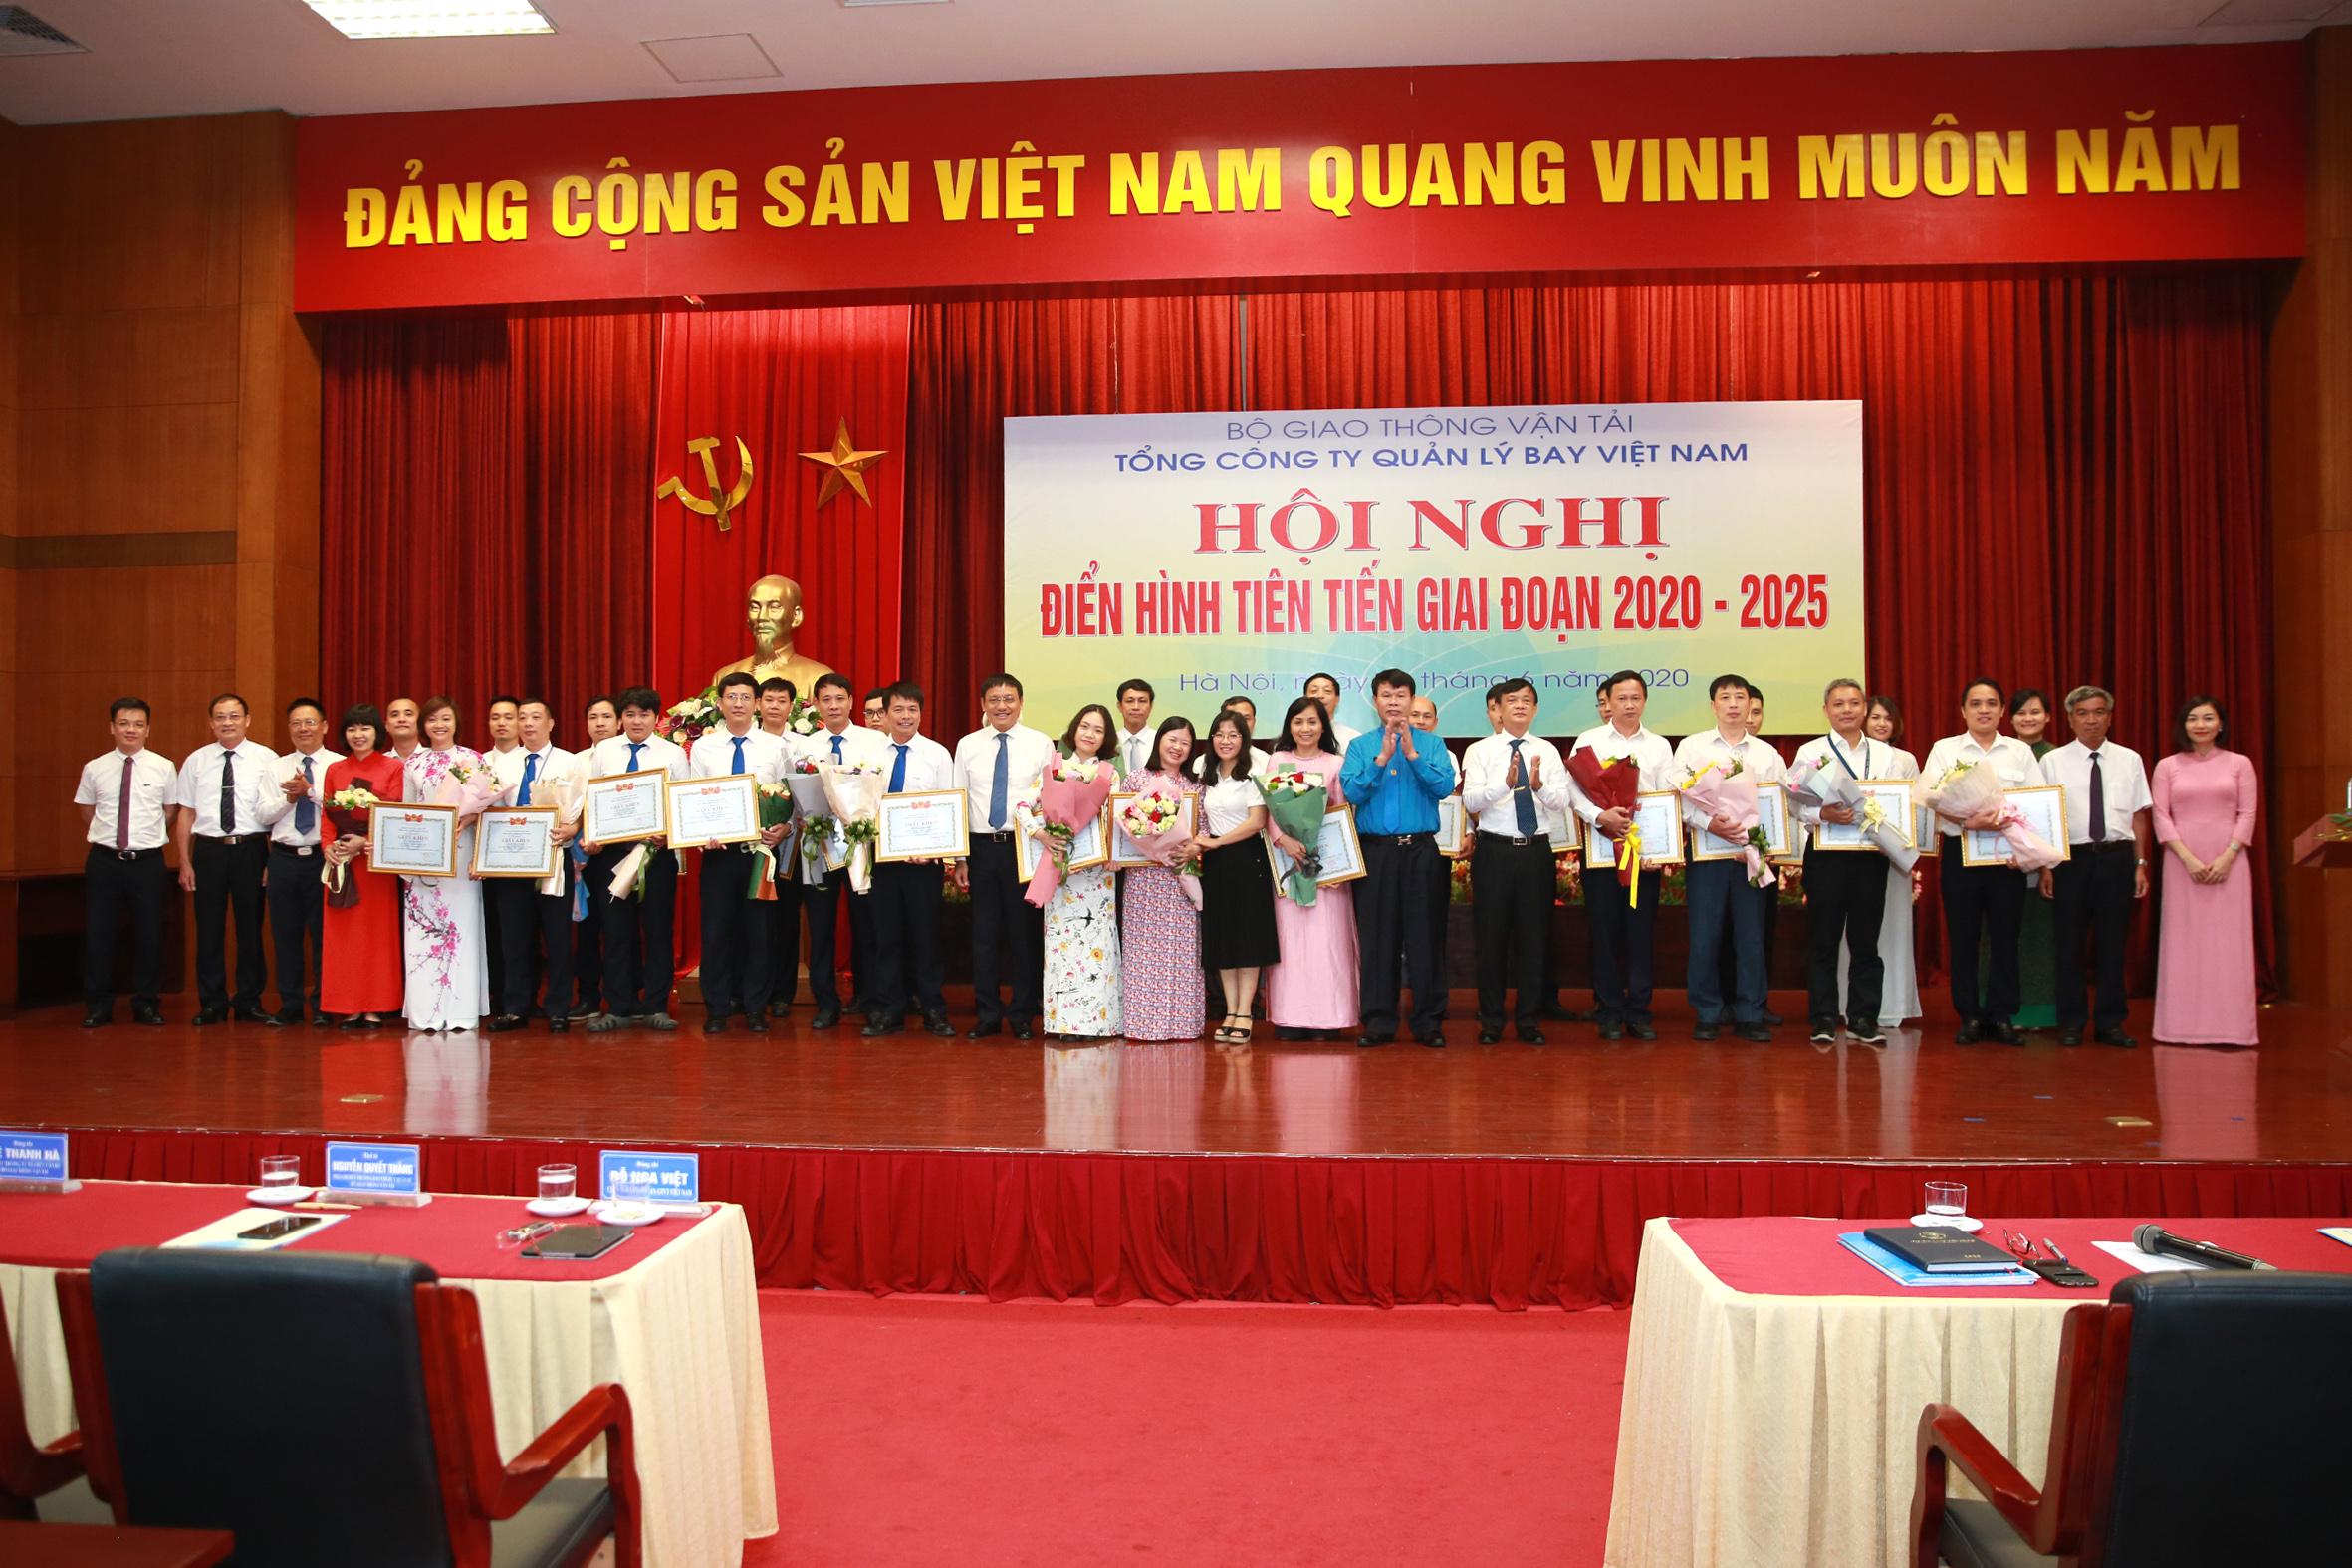 VATM: Hội nghị Điển hình tiên tiến giai đoạn 2020-2025